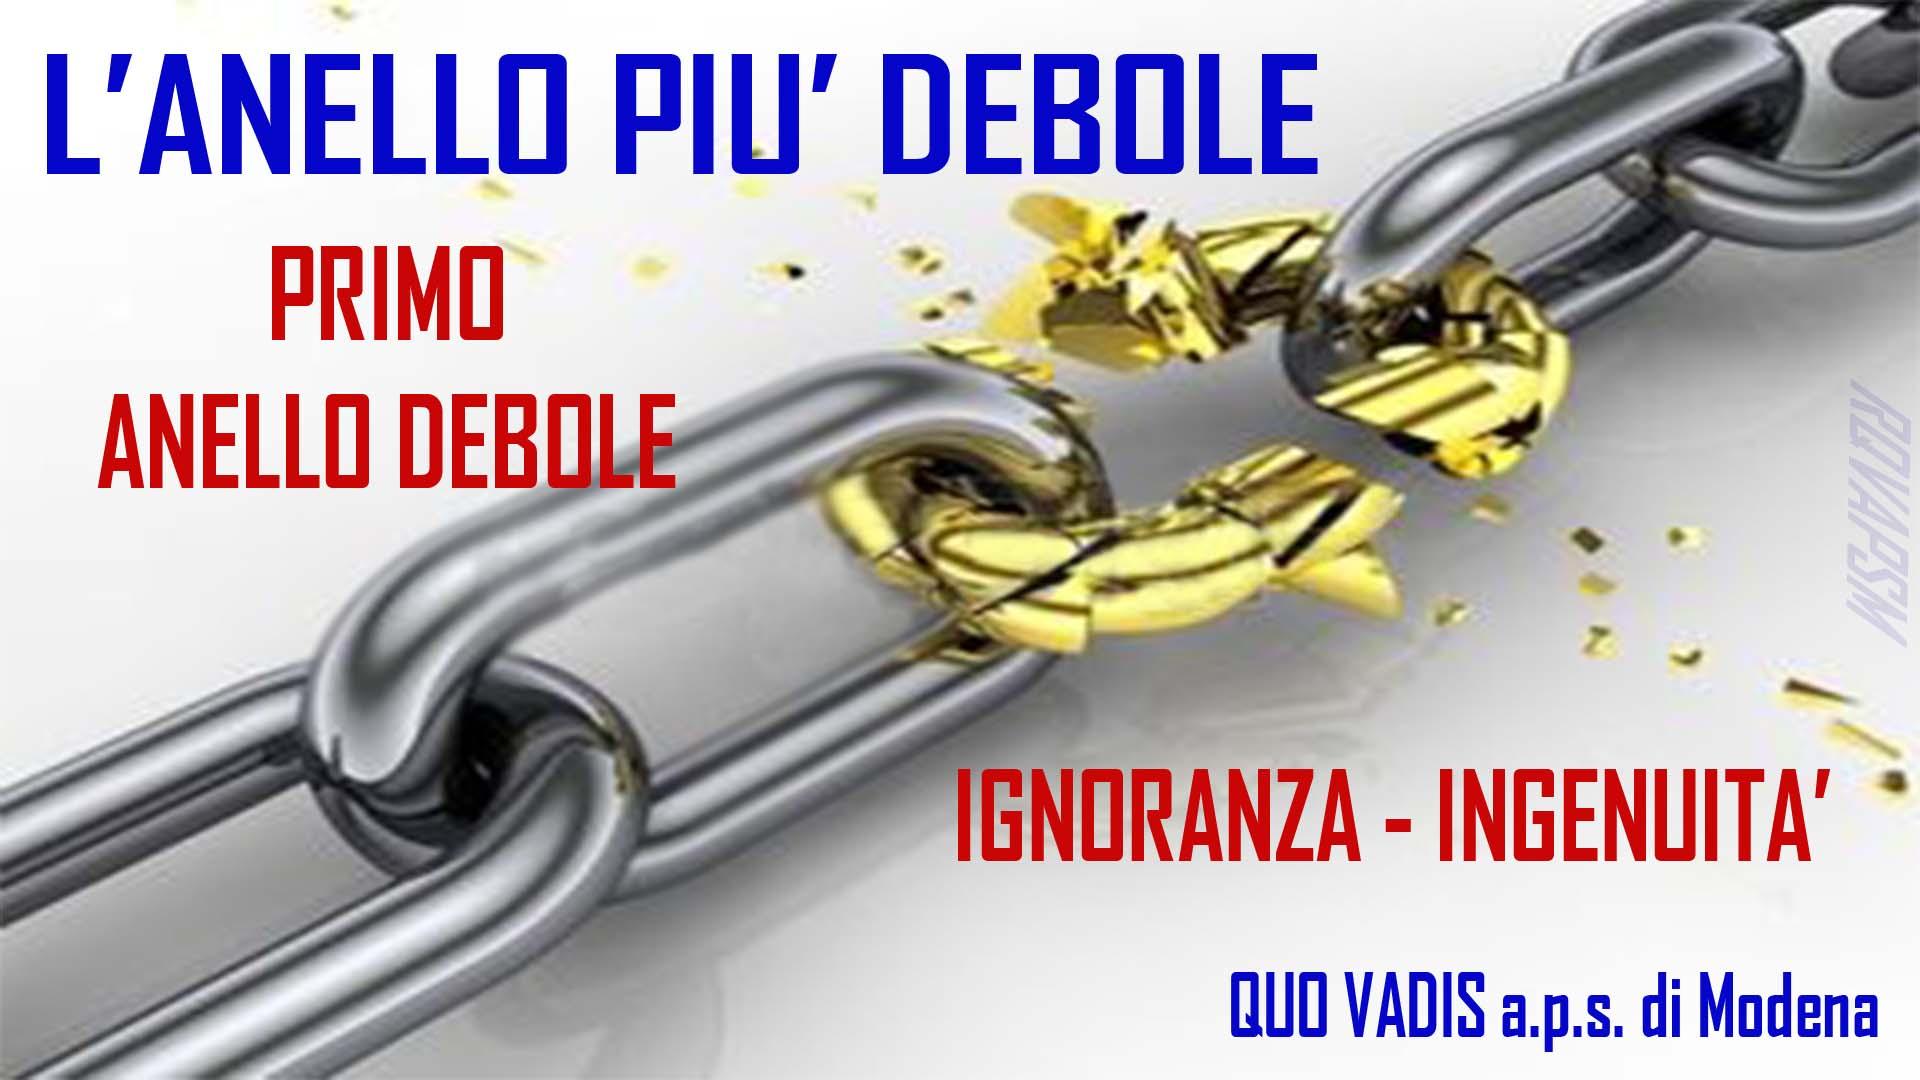 PRIMO ANELLO DEBOLE